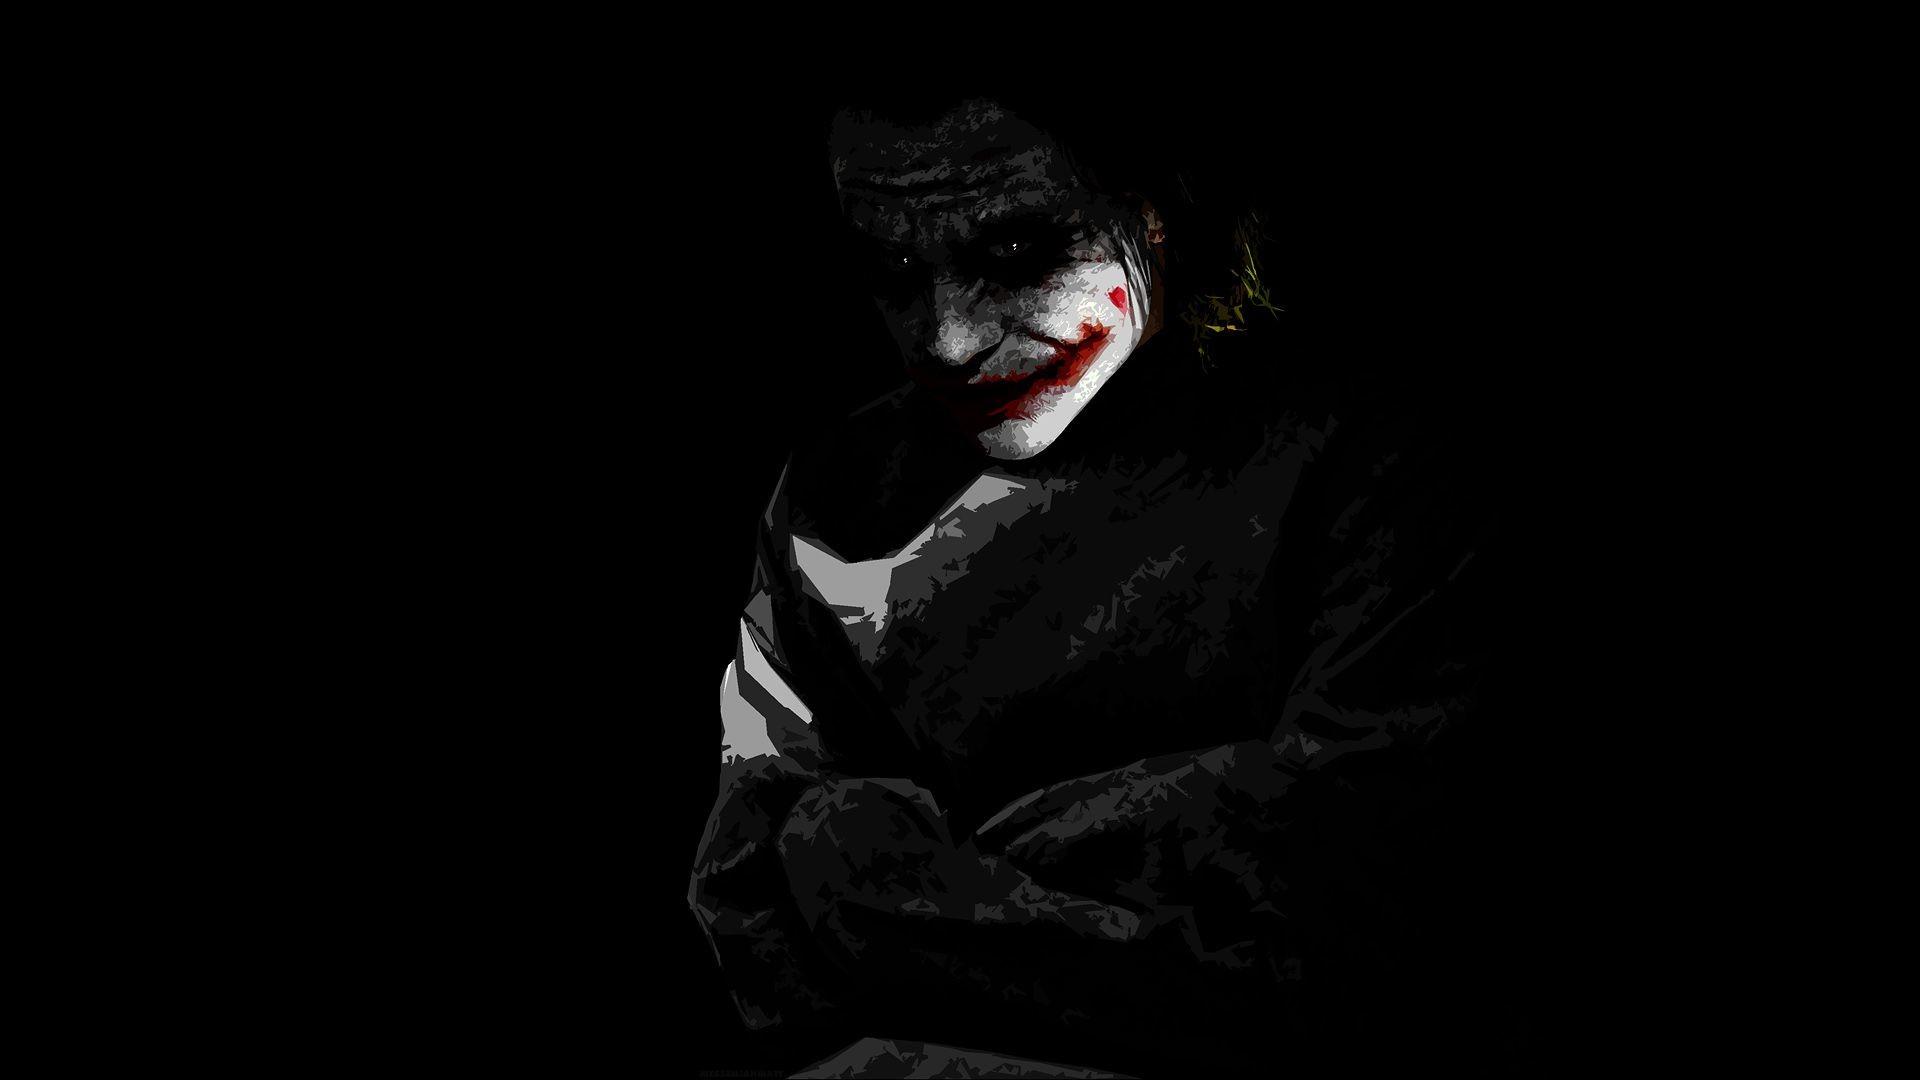 2560x1440 Joker HD Wallpapers Wallpaper 1920×1080 The Joker Wallpaper (54 Wallpapers) | Adorable Wallpapers | Desktop | Pinterest | Joker, Wallpaper and ...